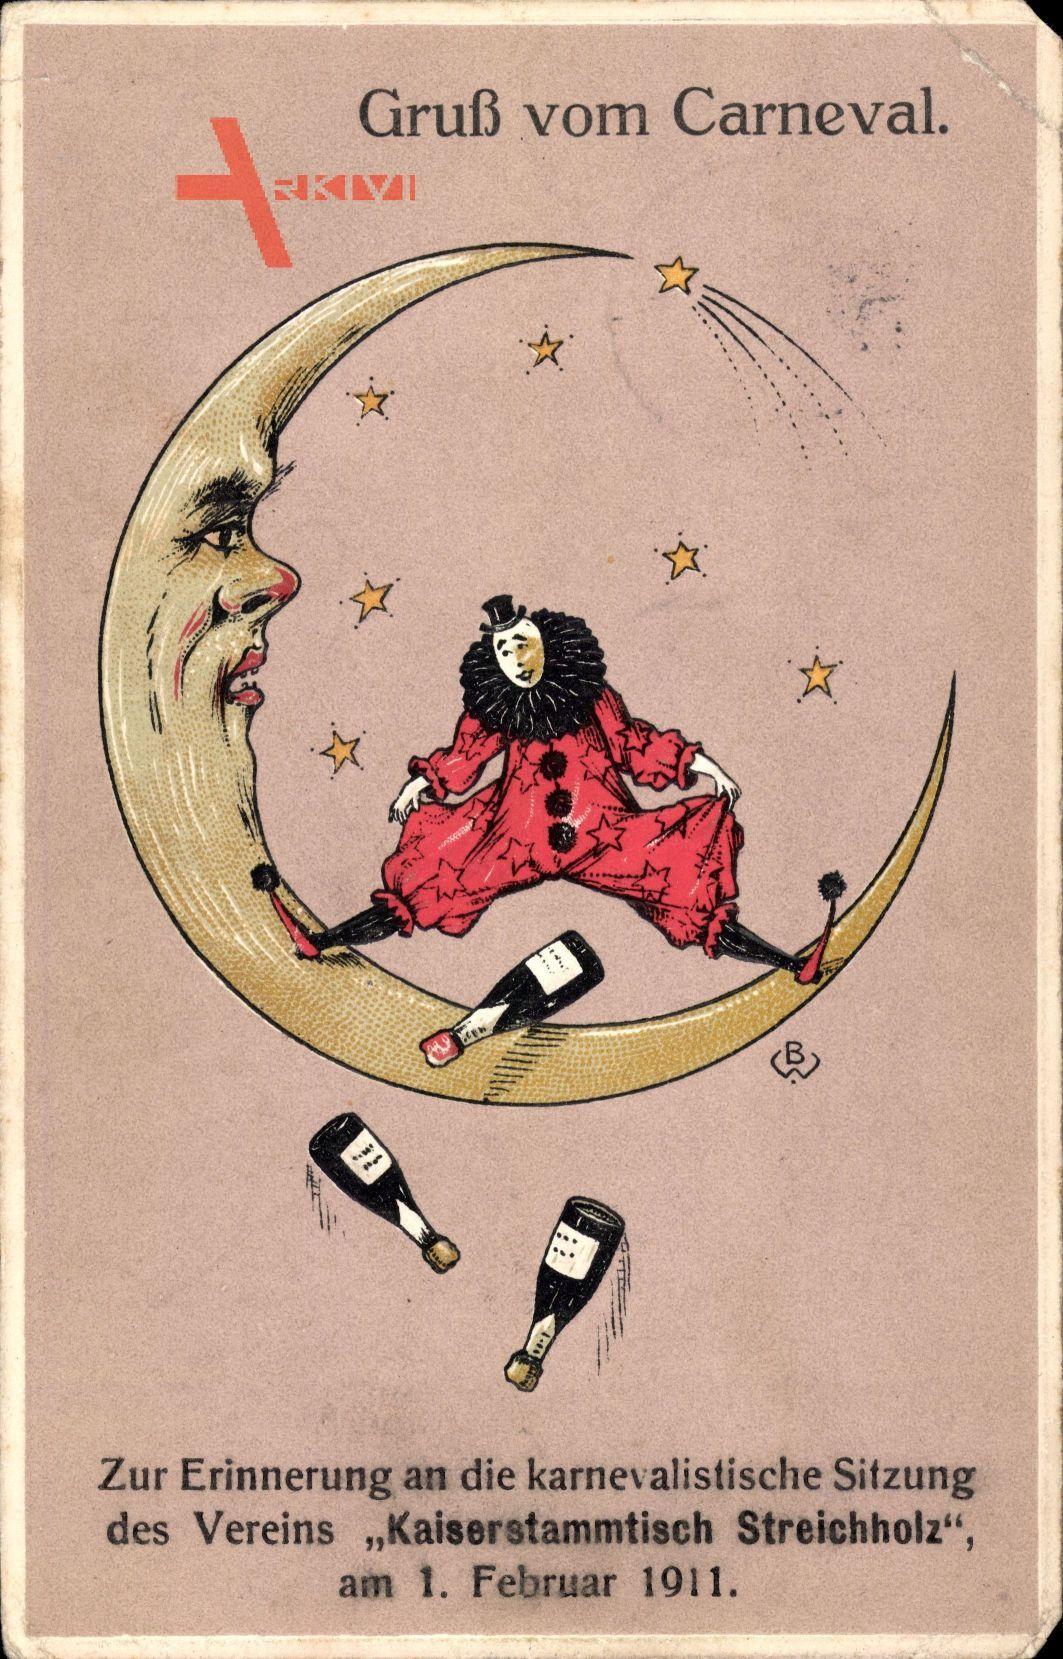 Gruß vom Karneval, Kaiserstammtisch Streichholz 1911, Mond, Sterne